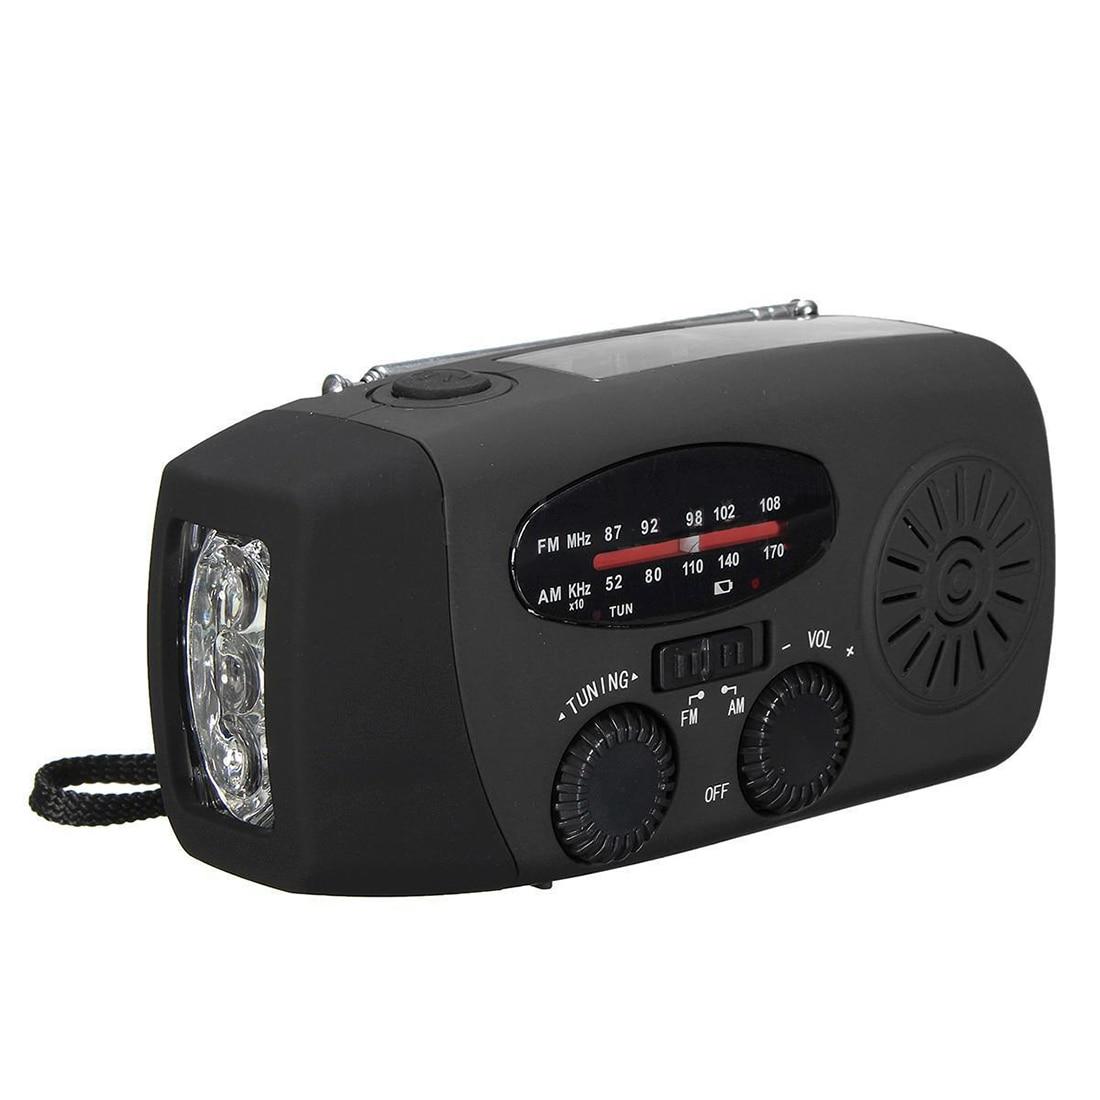 Водонепроницаемый Портативный рукоятки Солнечный Радио AM/FM 3 светодиодный фонарик телефон Зарядное устройство Черный